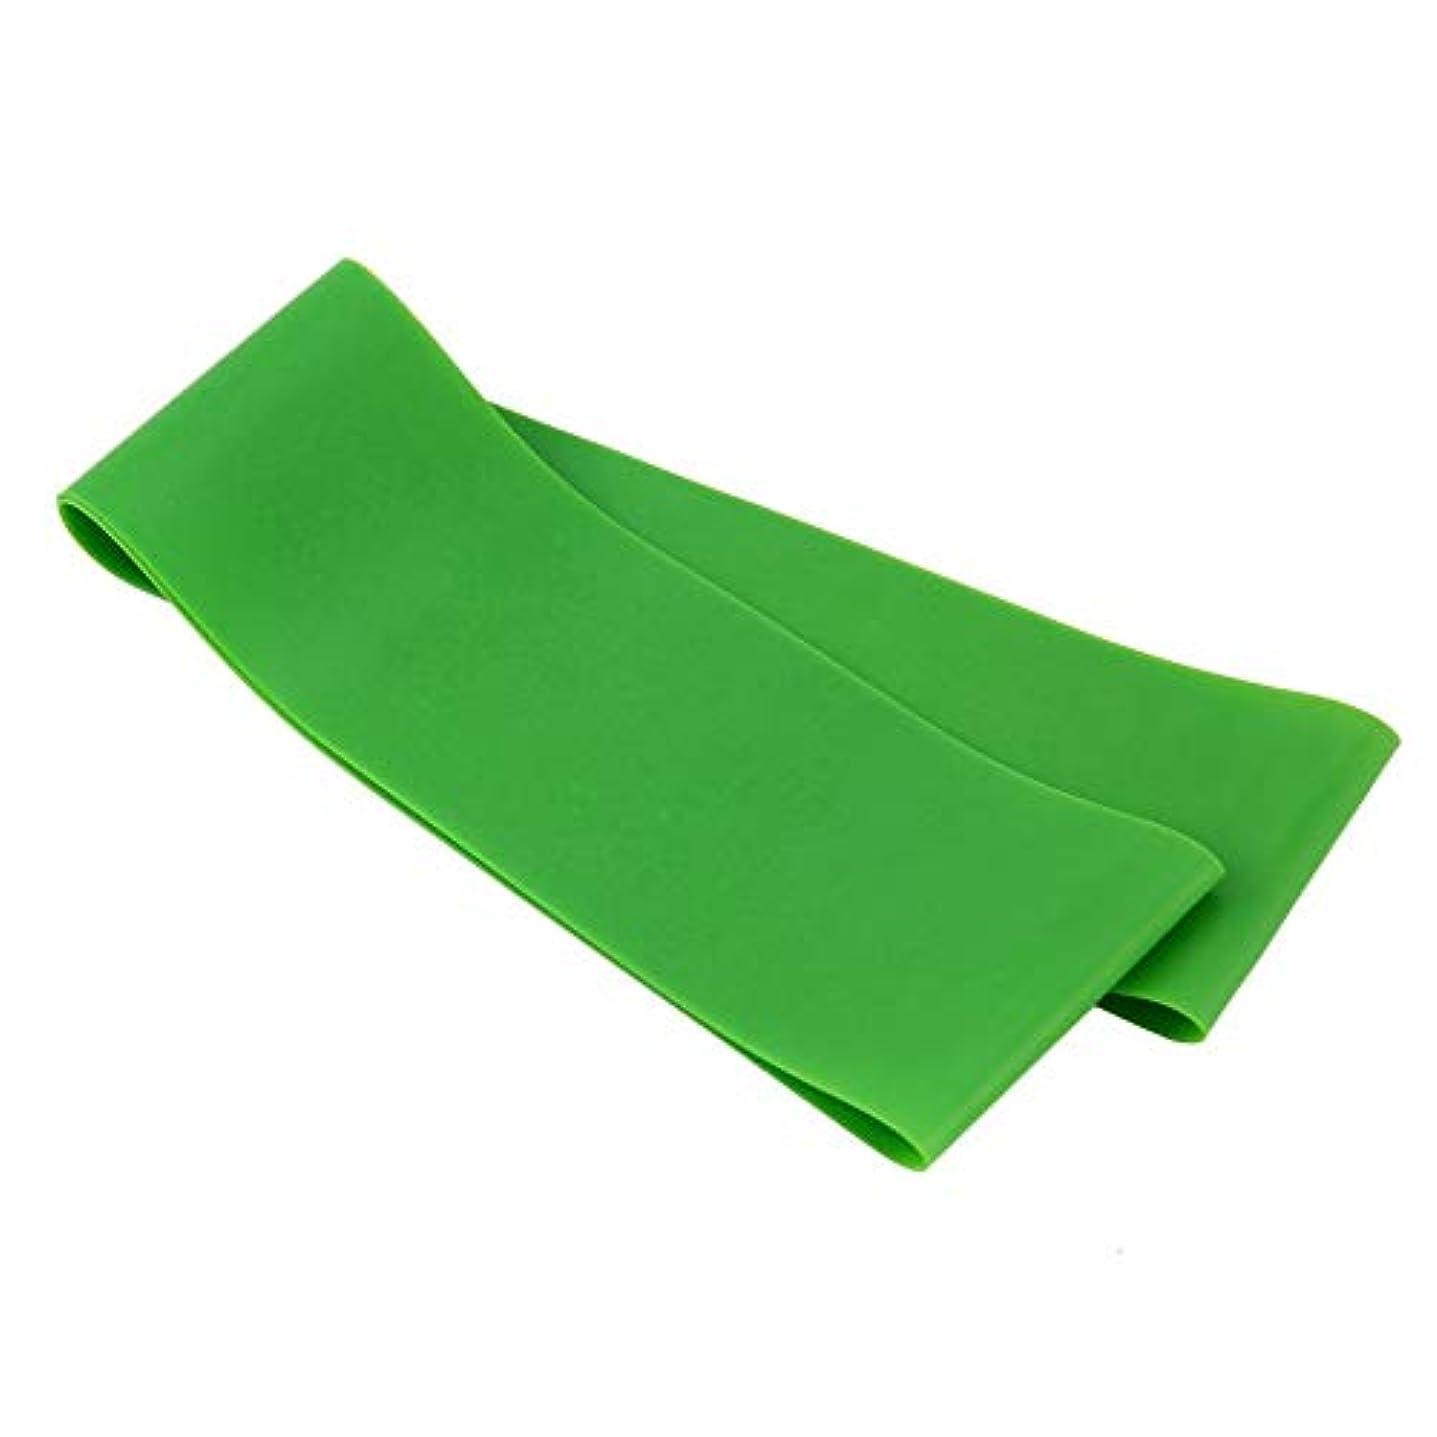 電報浮浪者州滑り止め伸縮性ゴム弾性ヨガベルトバンドプルロープ張力抵抗バンドループ強度のためのフィットネスヨガツール - グリーン